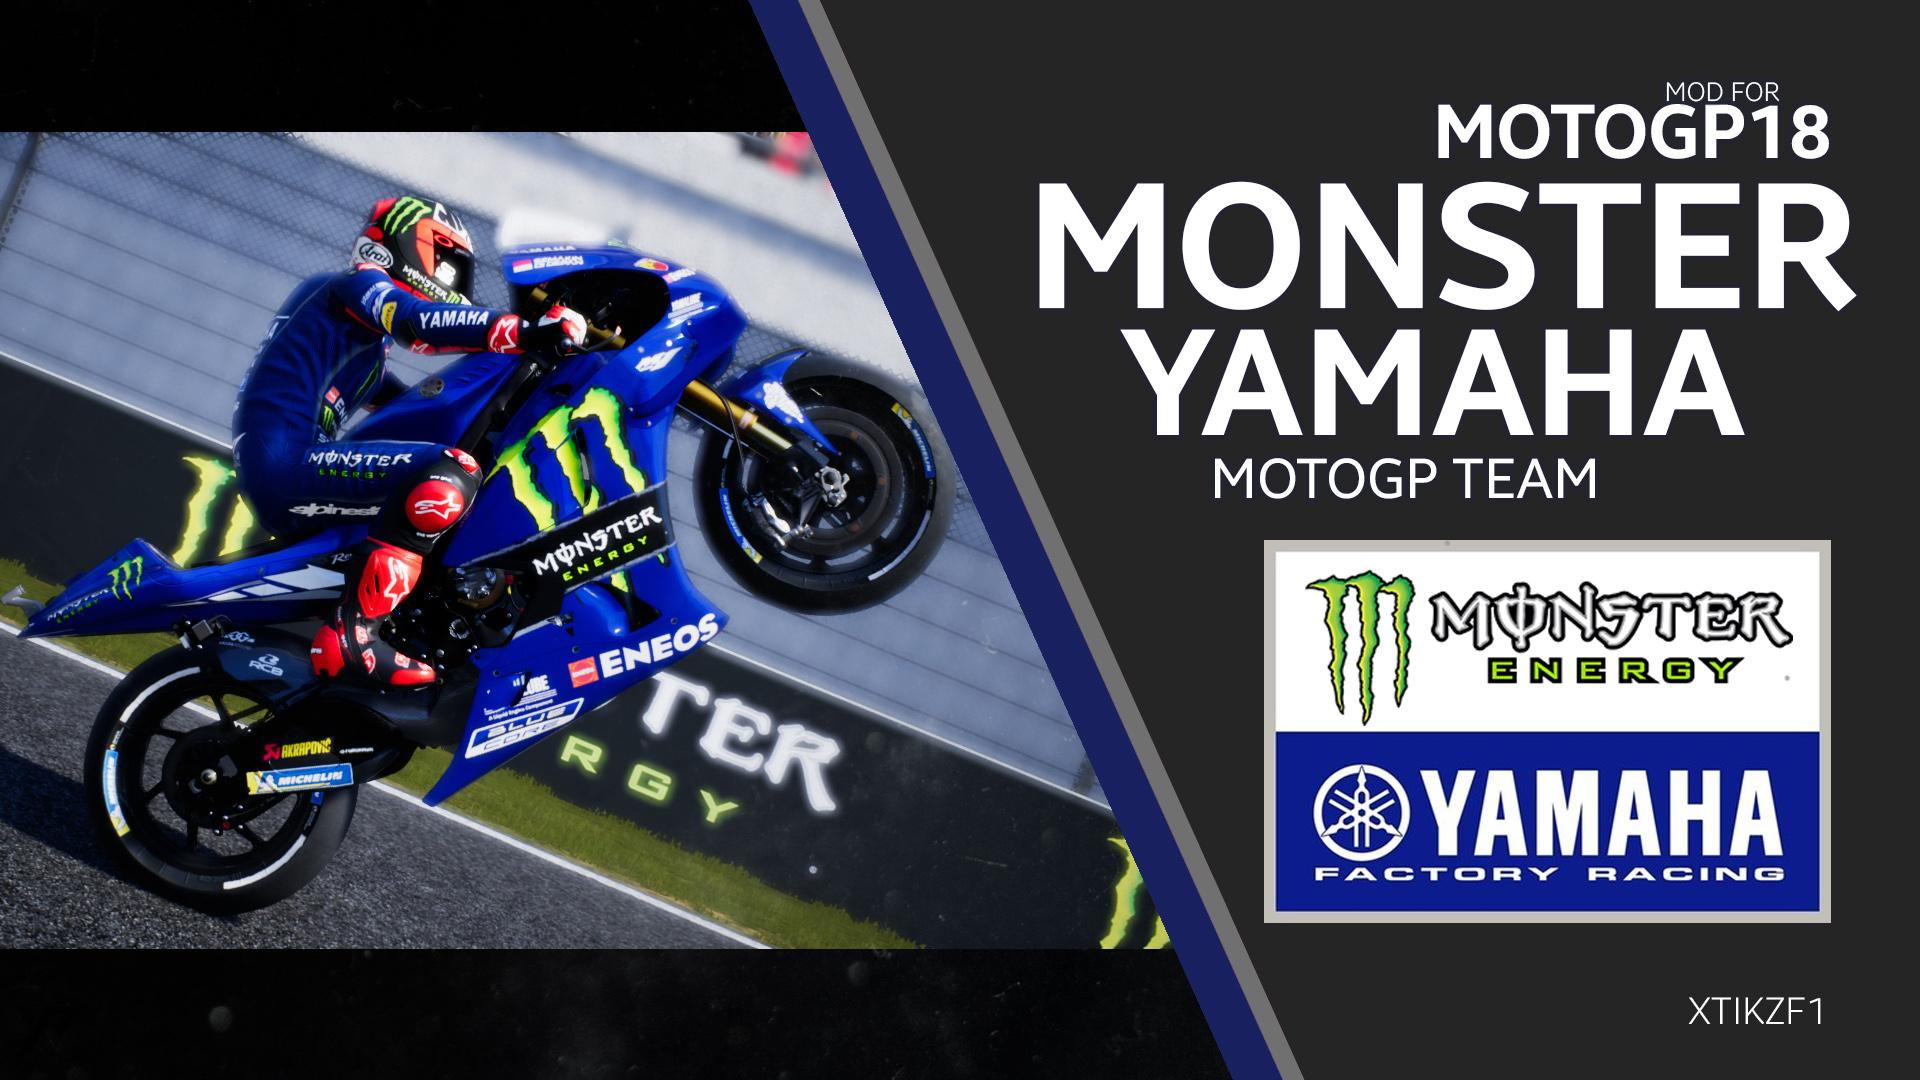 MONSTER YAMAHA 2019 TEAM MOD | RaceDepartment